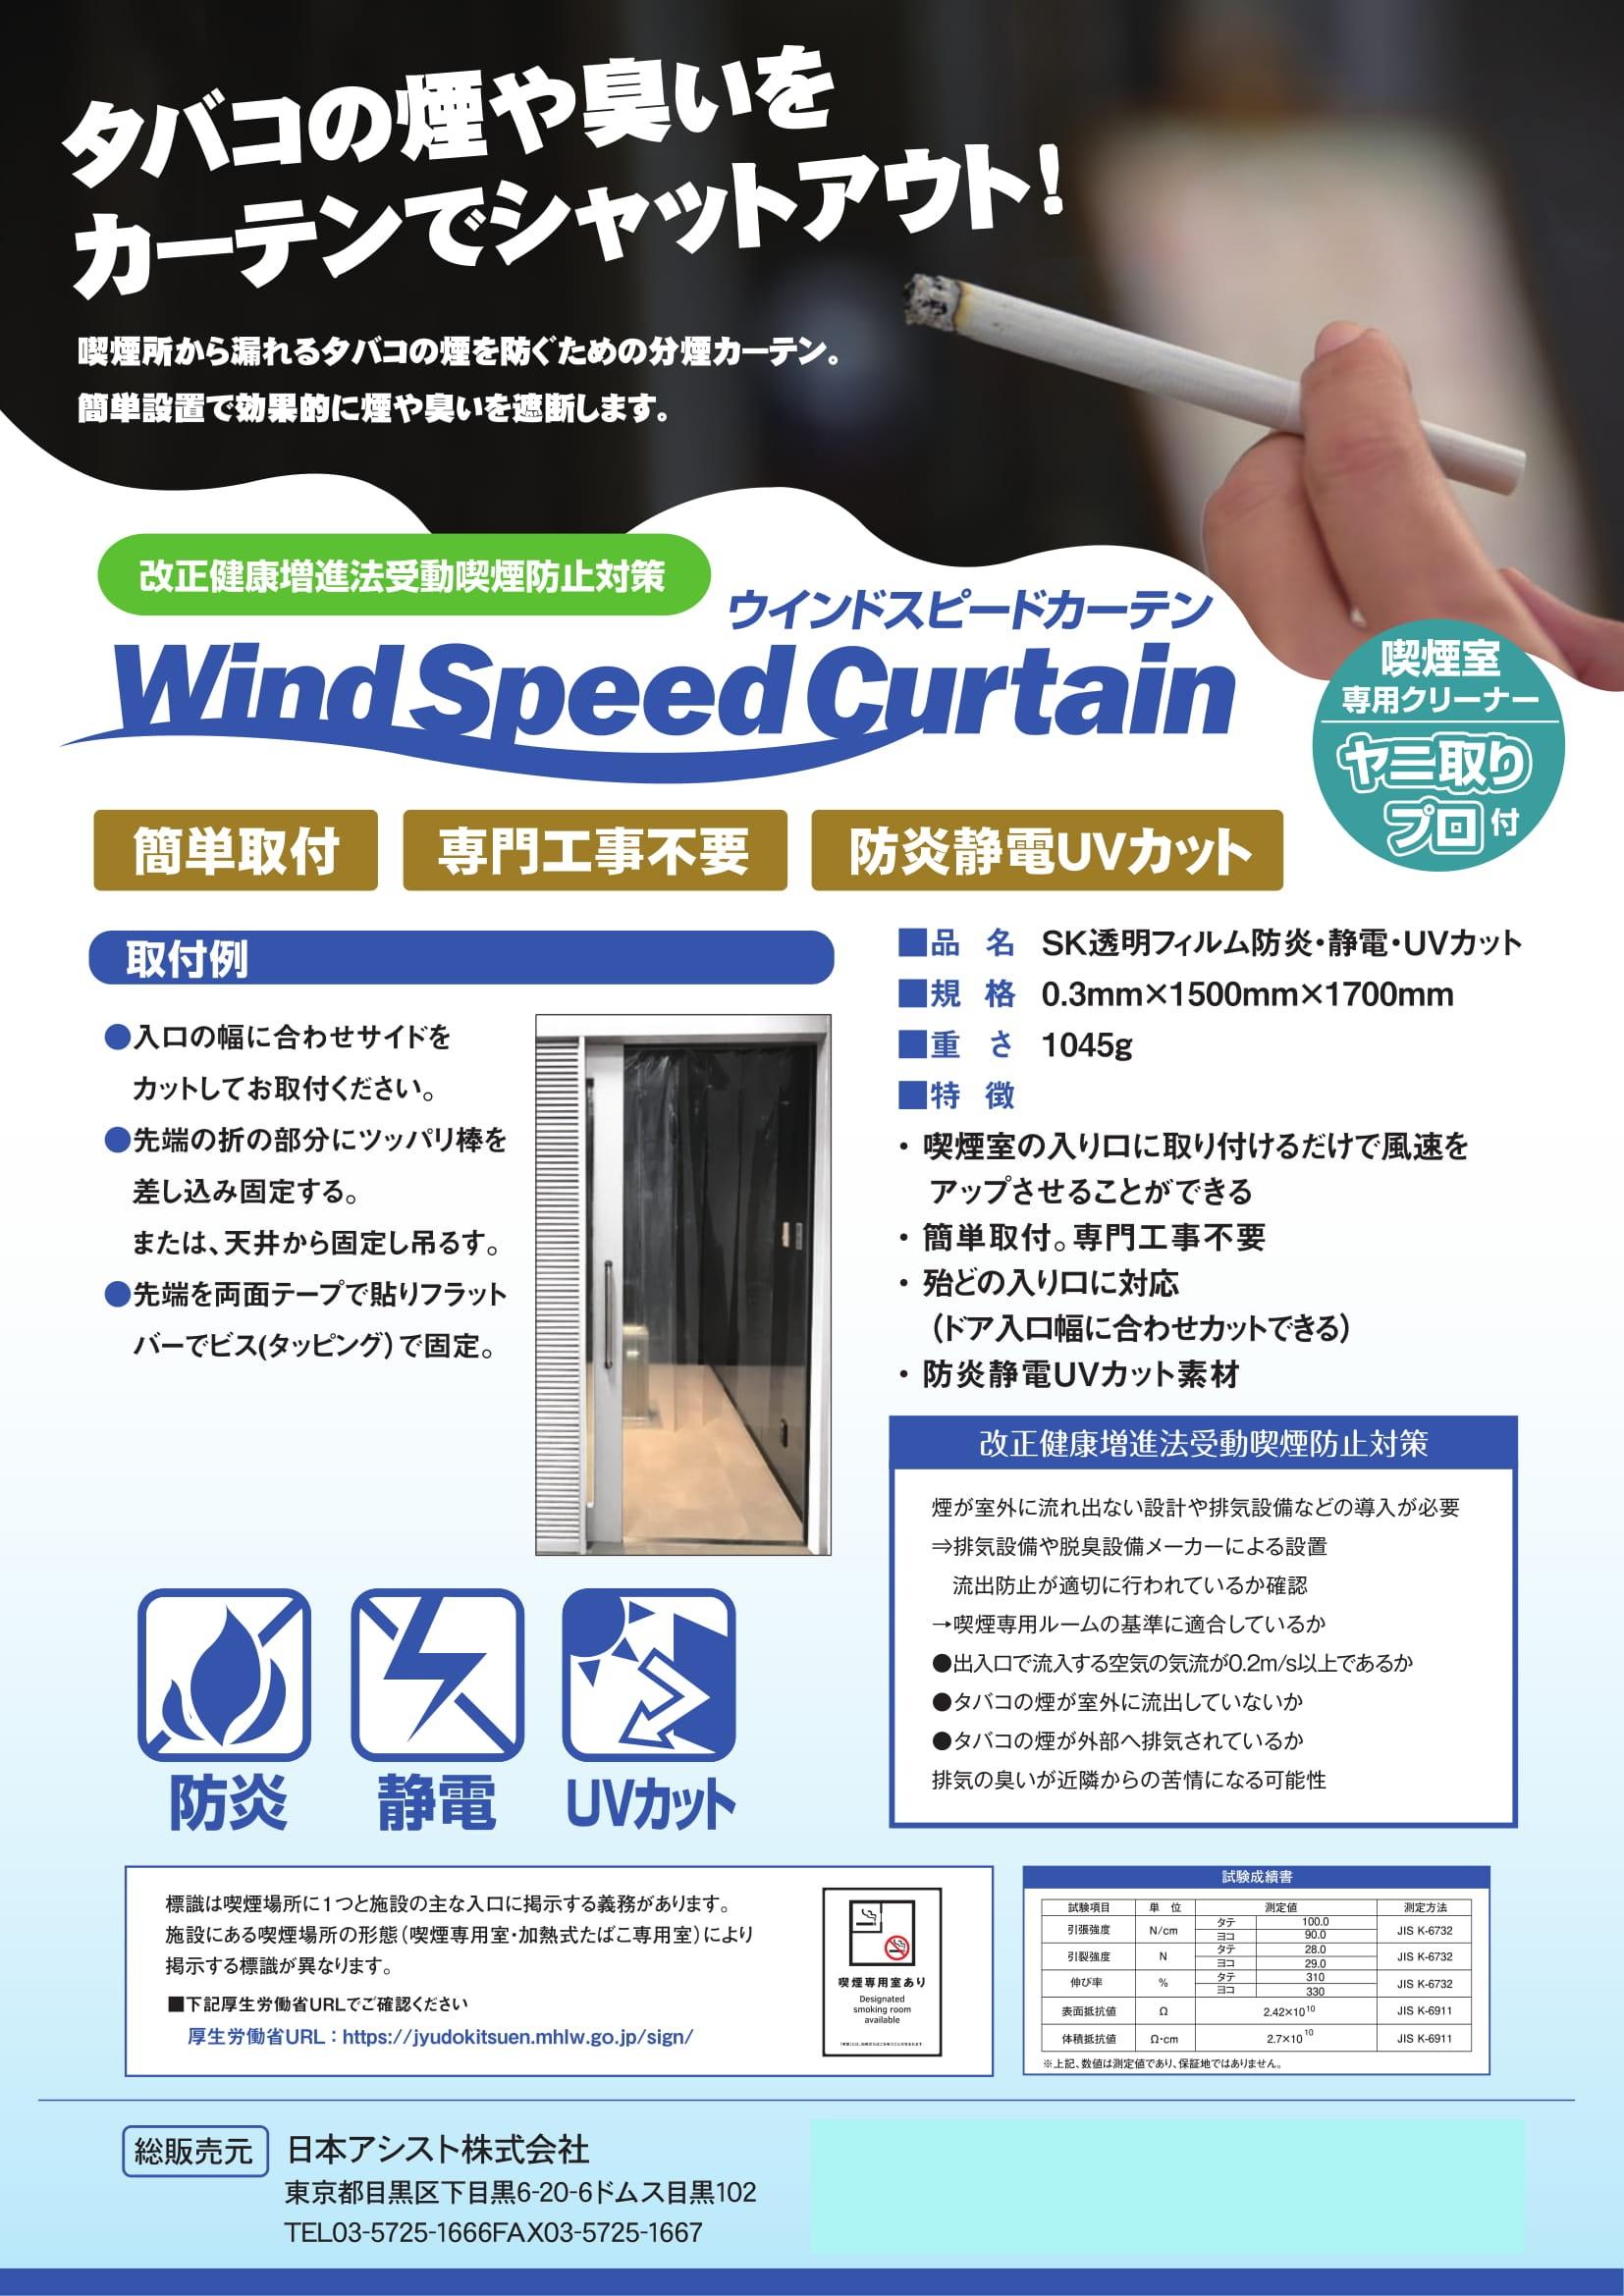 WindSpeedCurtain4-1